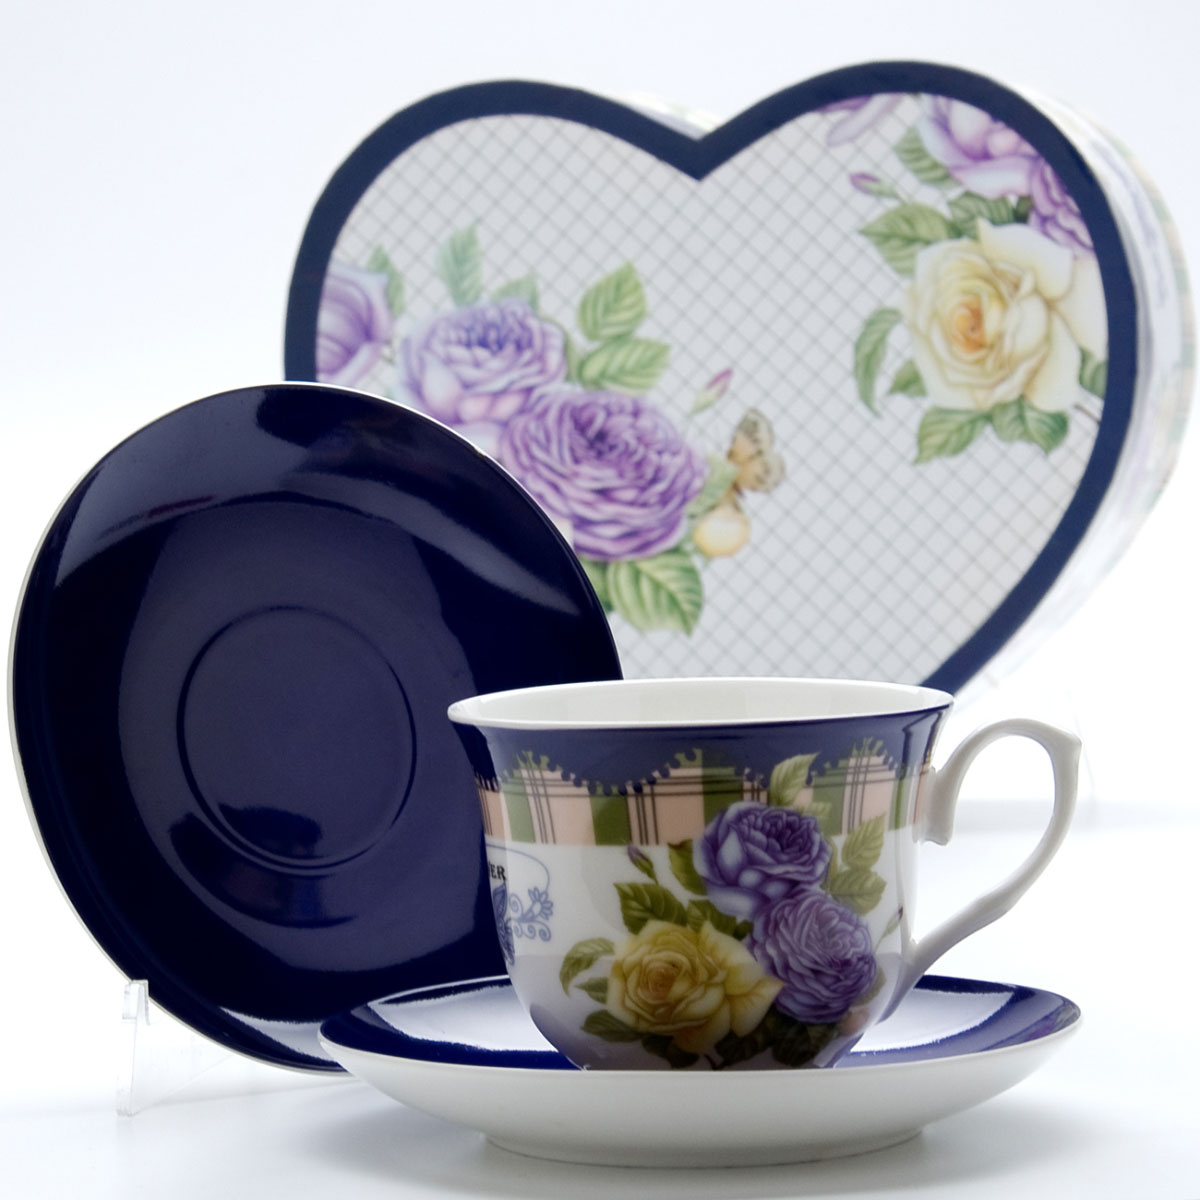 Чайная пара Mayer & Boch Розы, 4 предметаFS-91909Чайный набор выполнен из высококачественного костяного фарфора и состоит из двух чашек, украшенных рисунком, и двух ярких цветных блюдец. Чашки имеют рельефную поверхность. Чайный набор упакован в подарочную коробку в форме сердца из плотного цветного картона.Объем чашки: 220 мл.